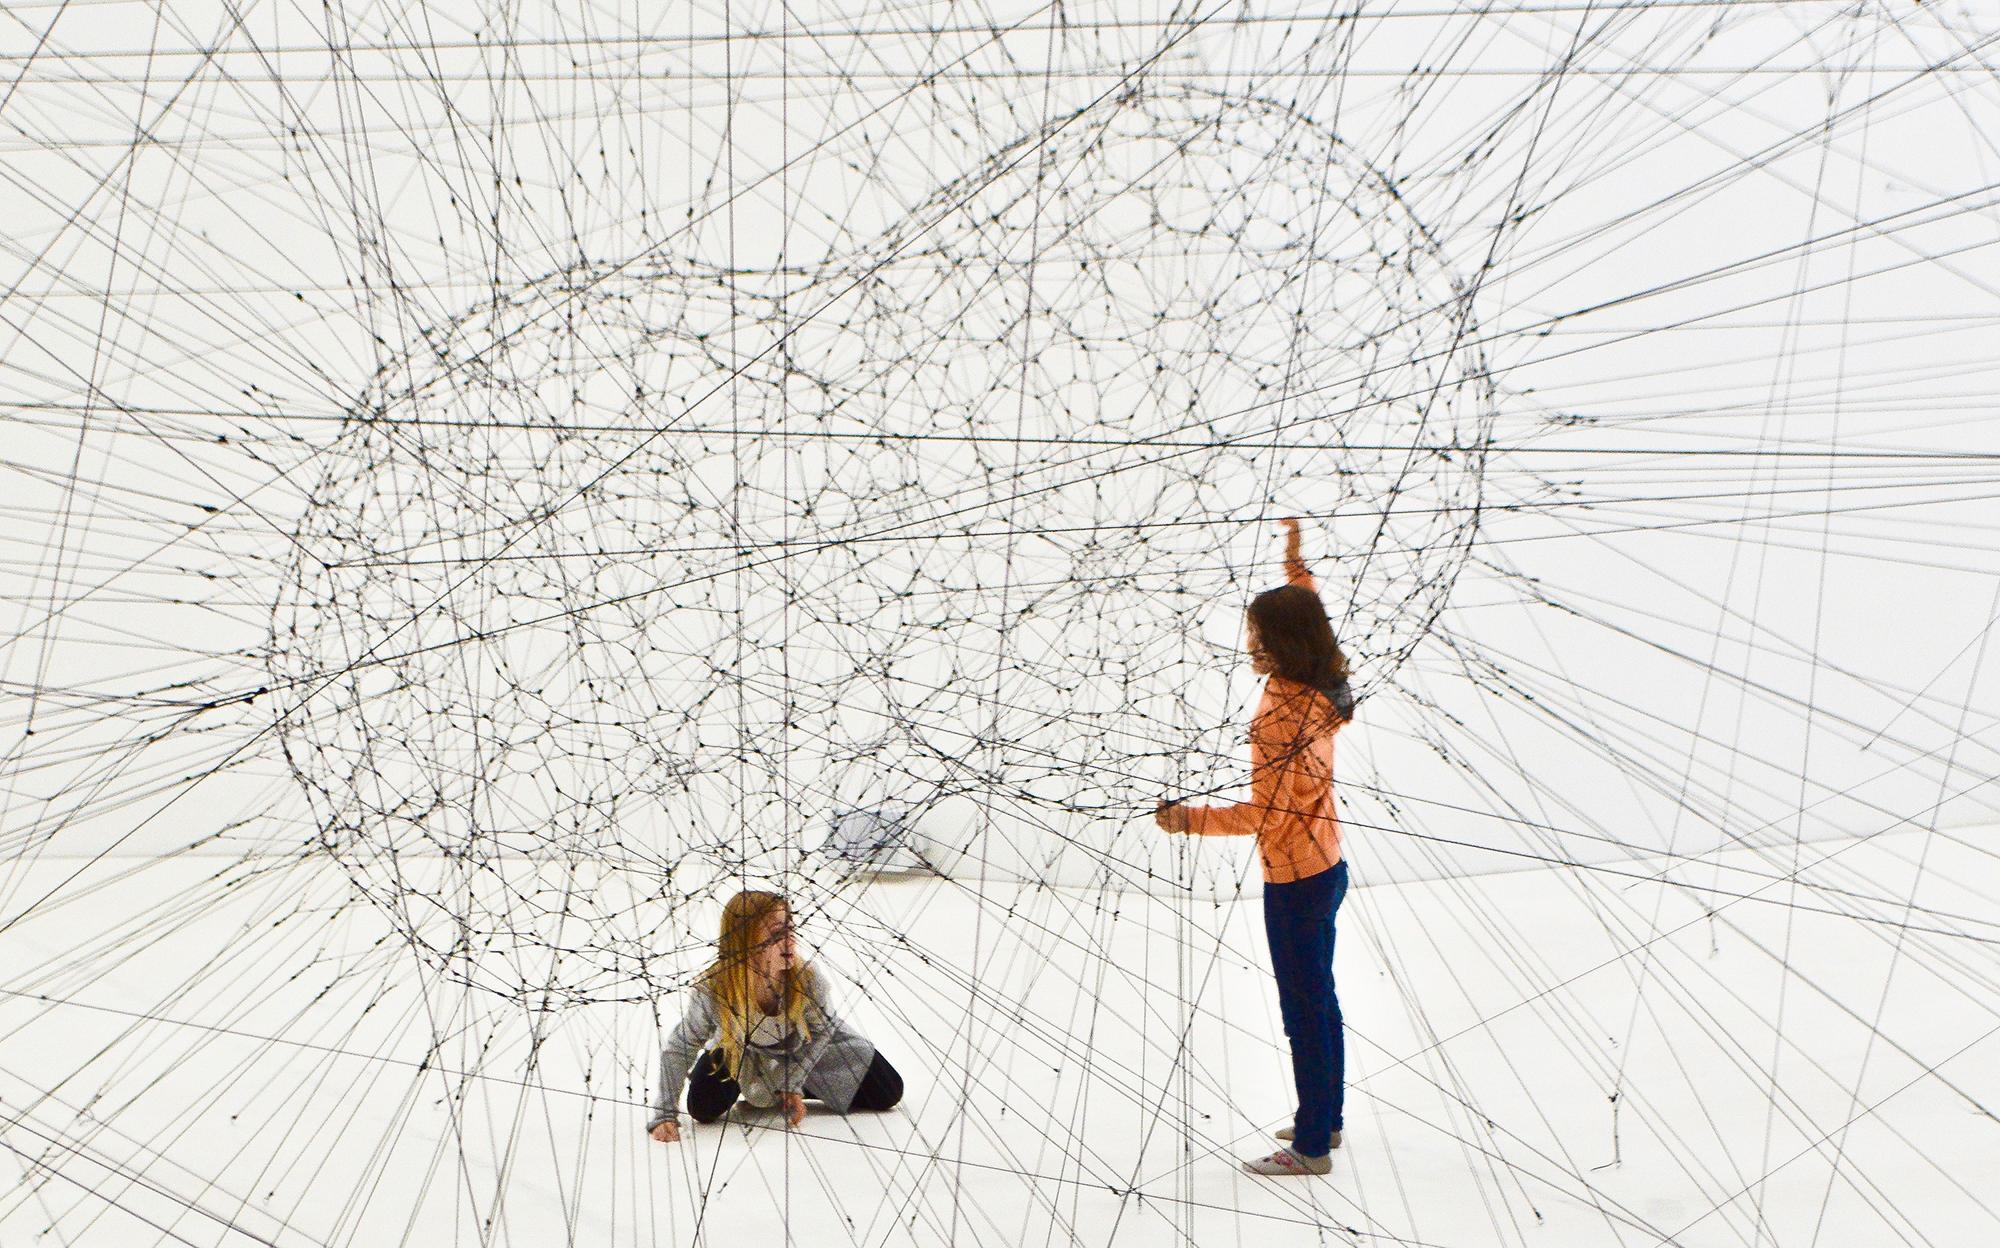 hálózatot nézegető kislányok